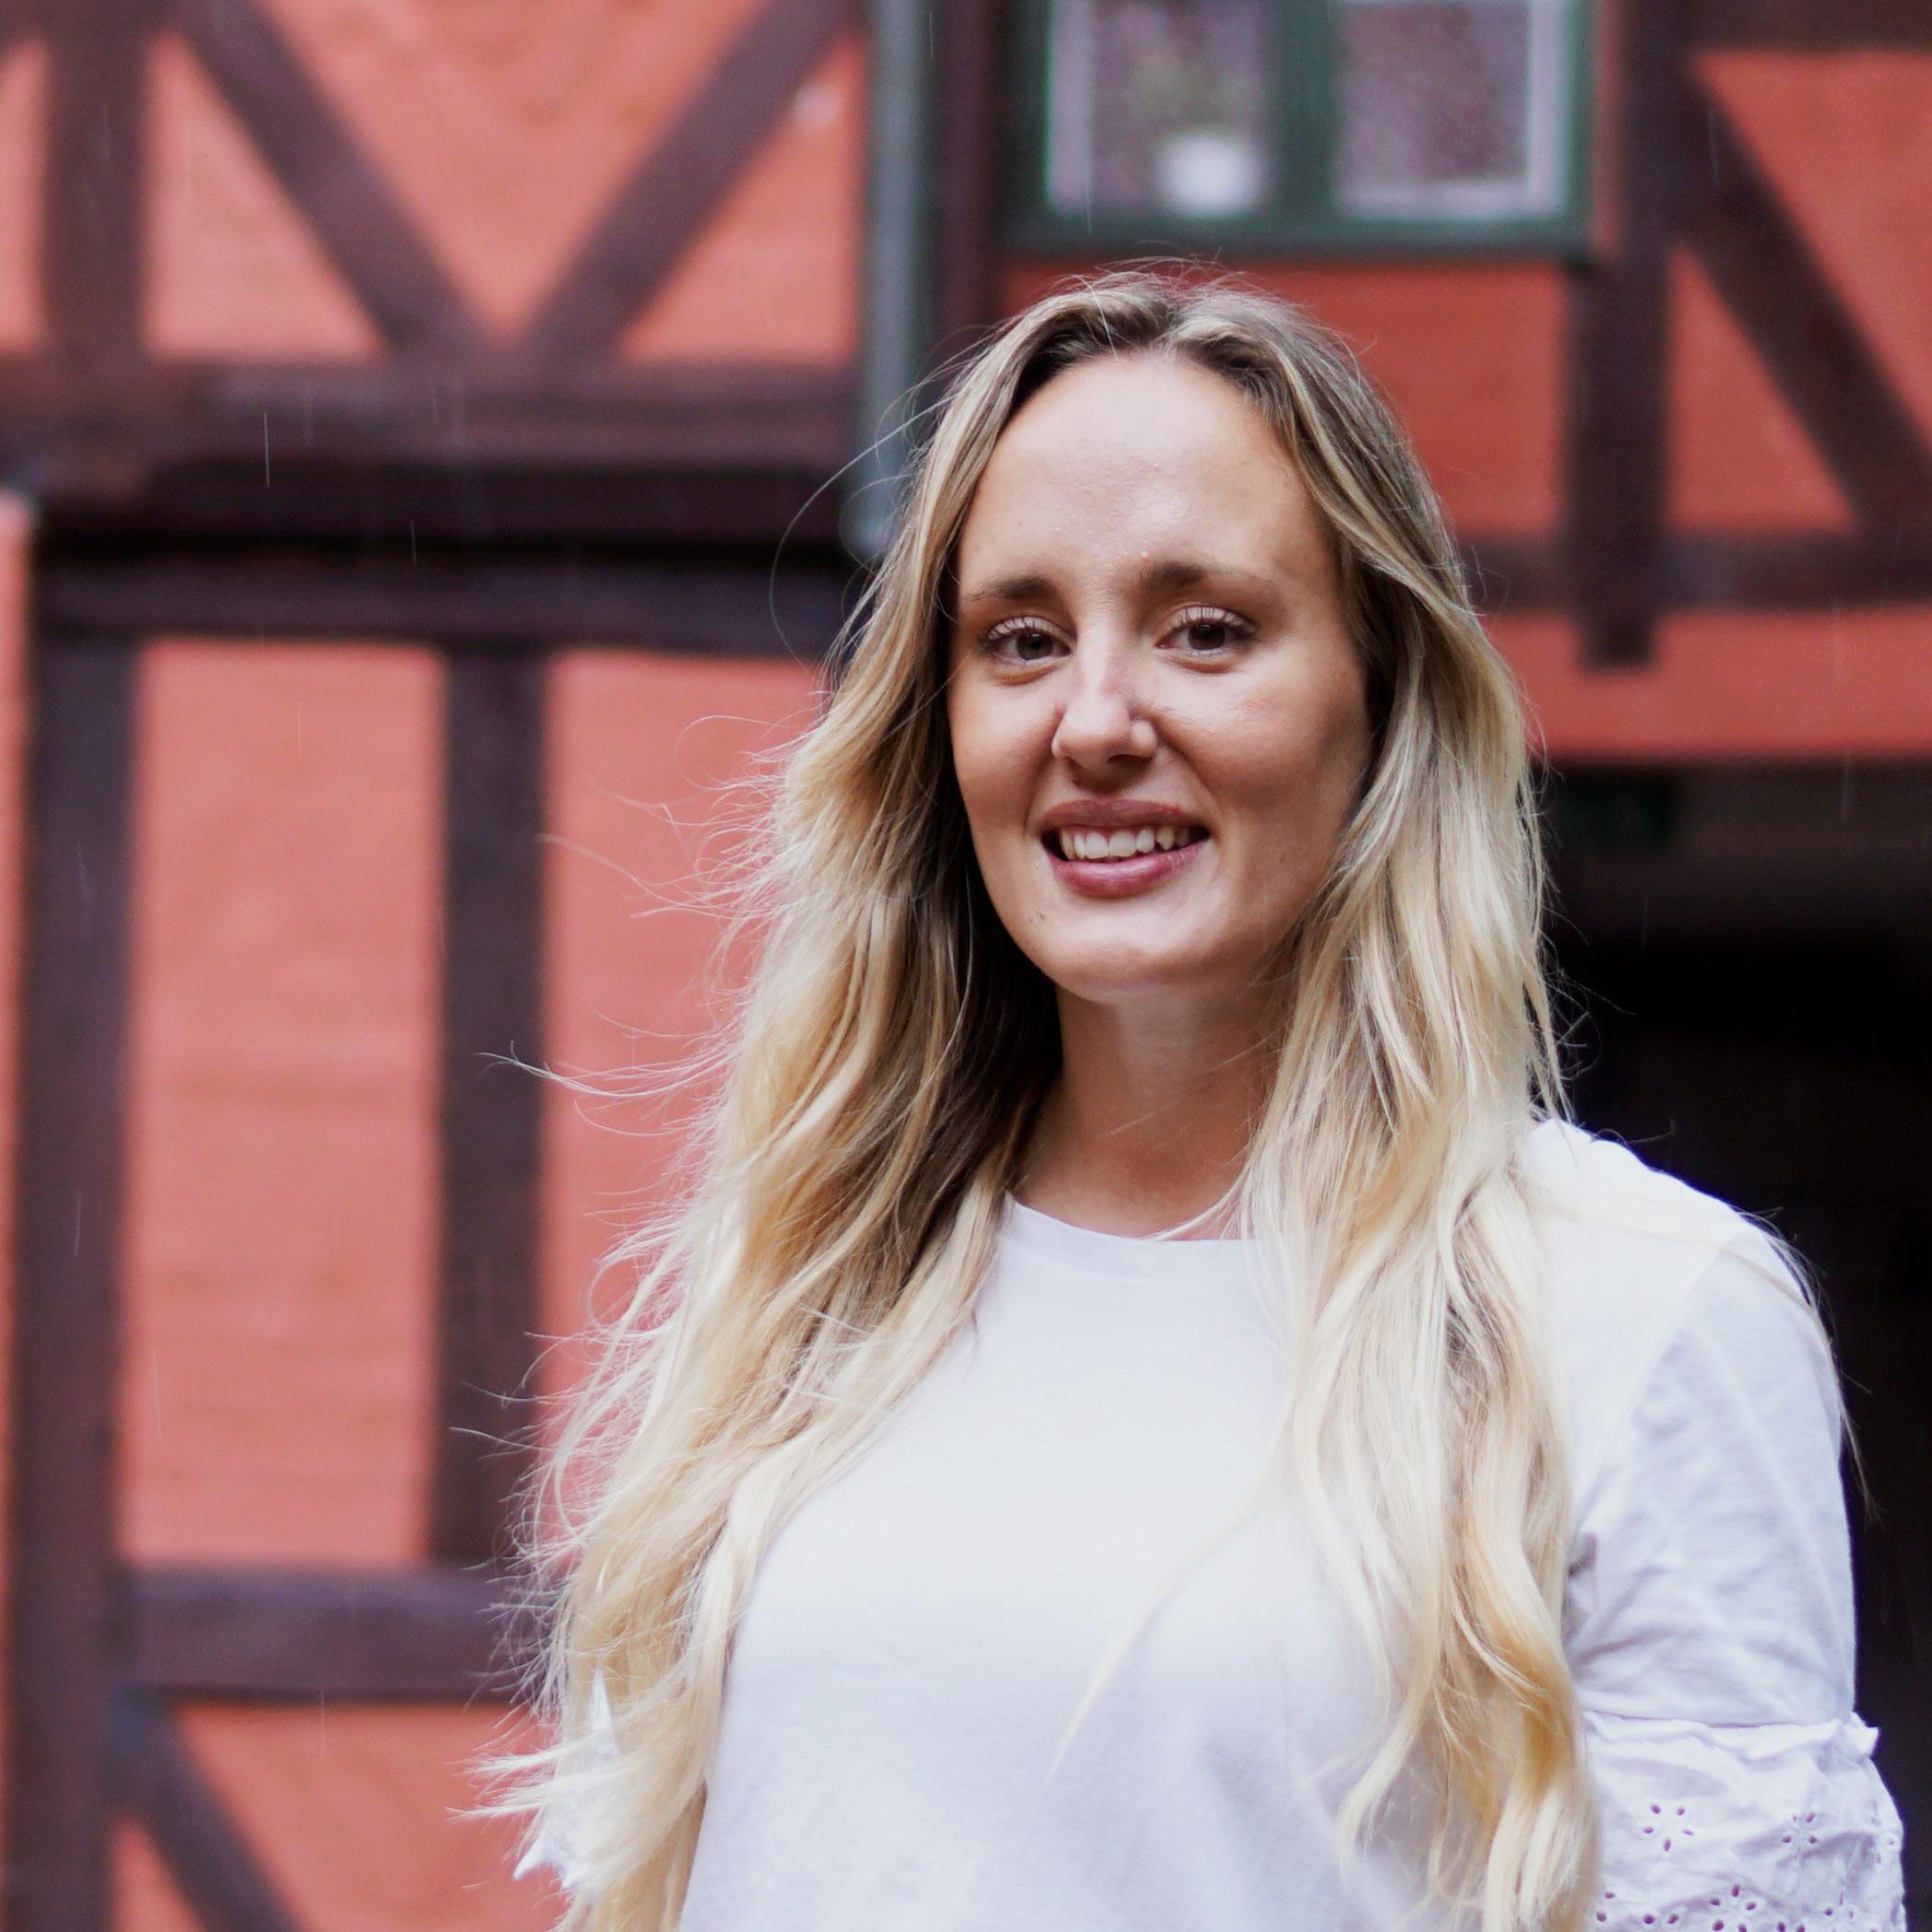 Hilda Ståhl